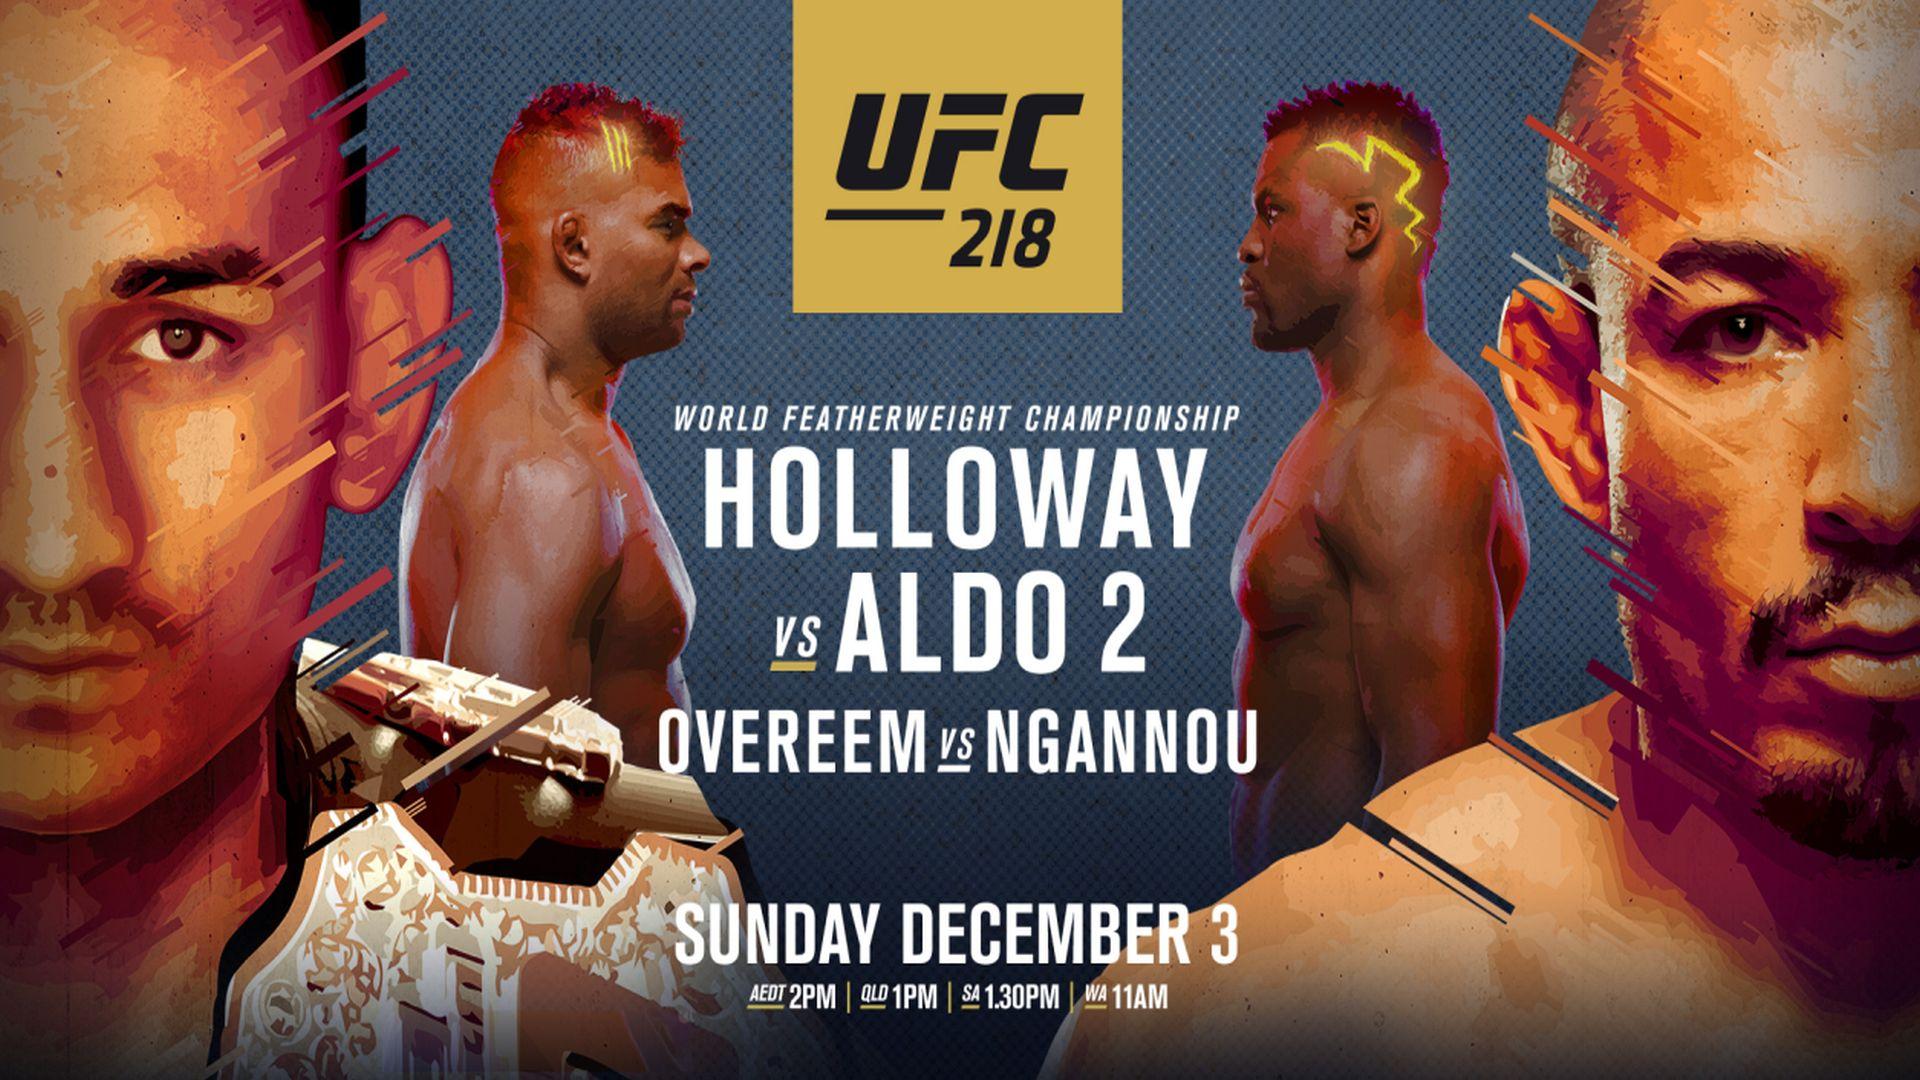 UFC 218 Fight Card